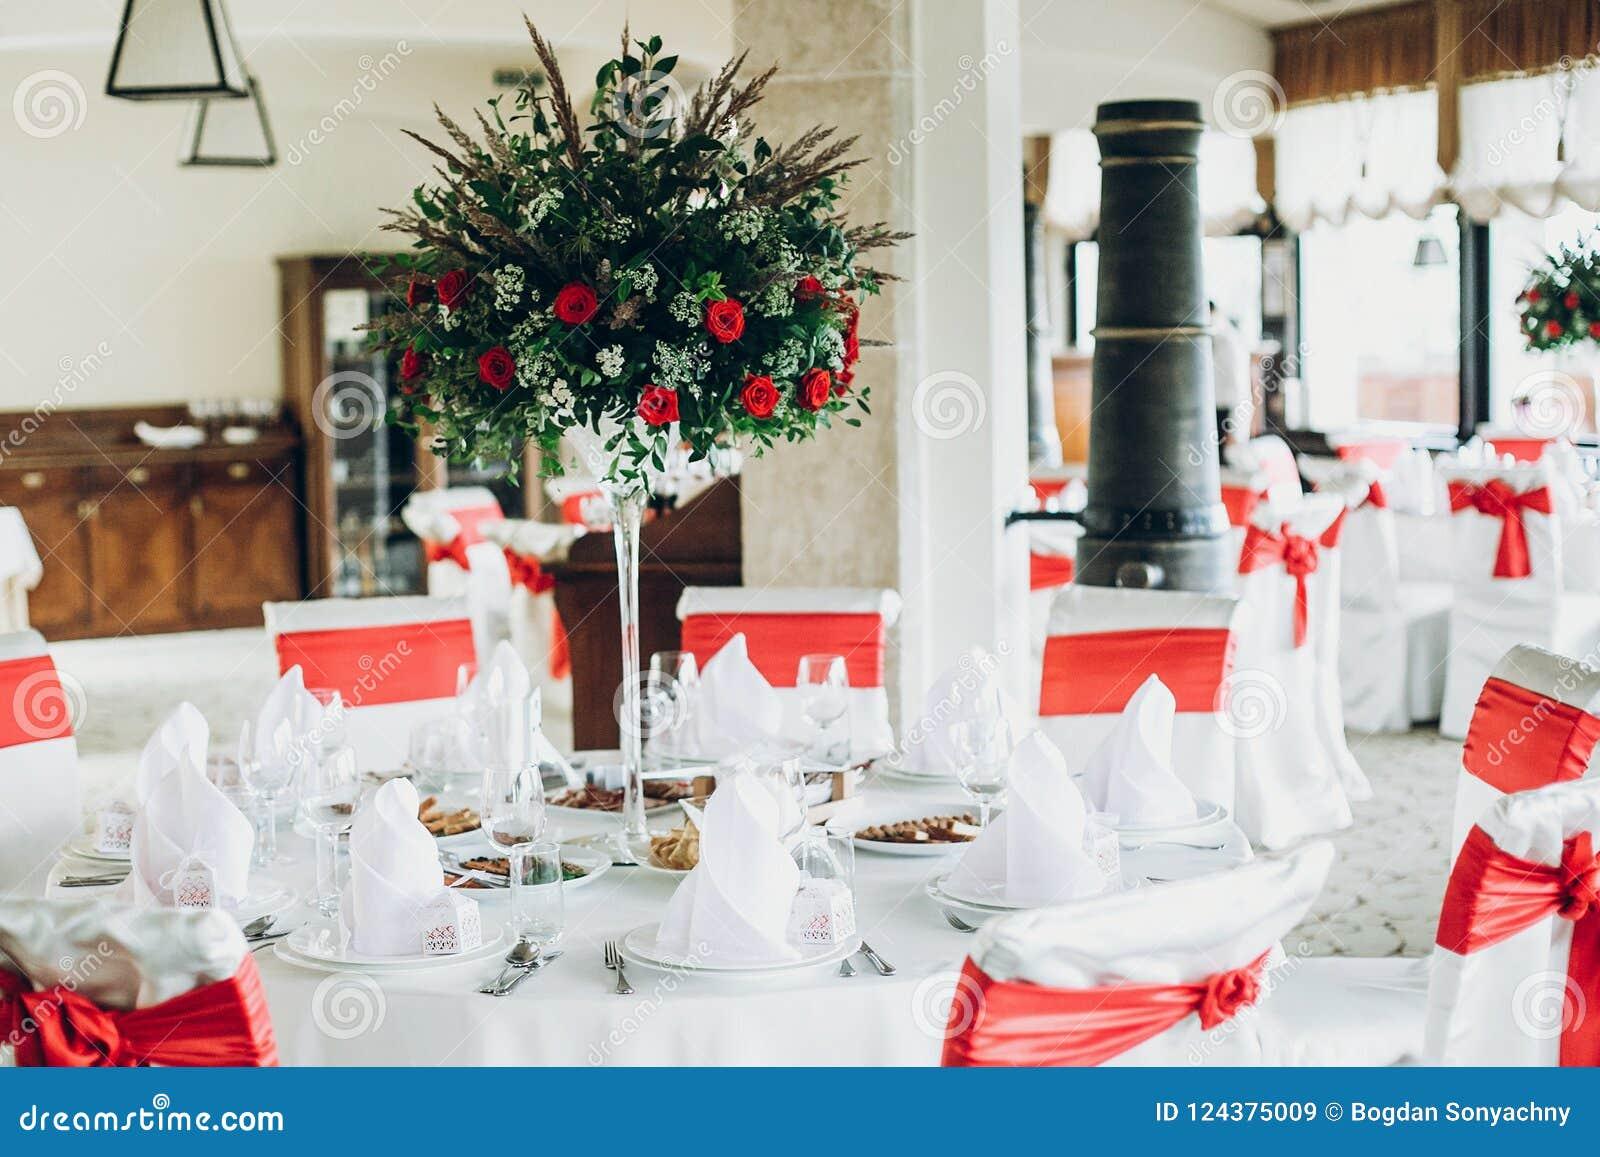 Stylish Wedding Table Setting Elegant Wedding Table With